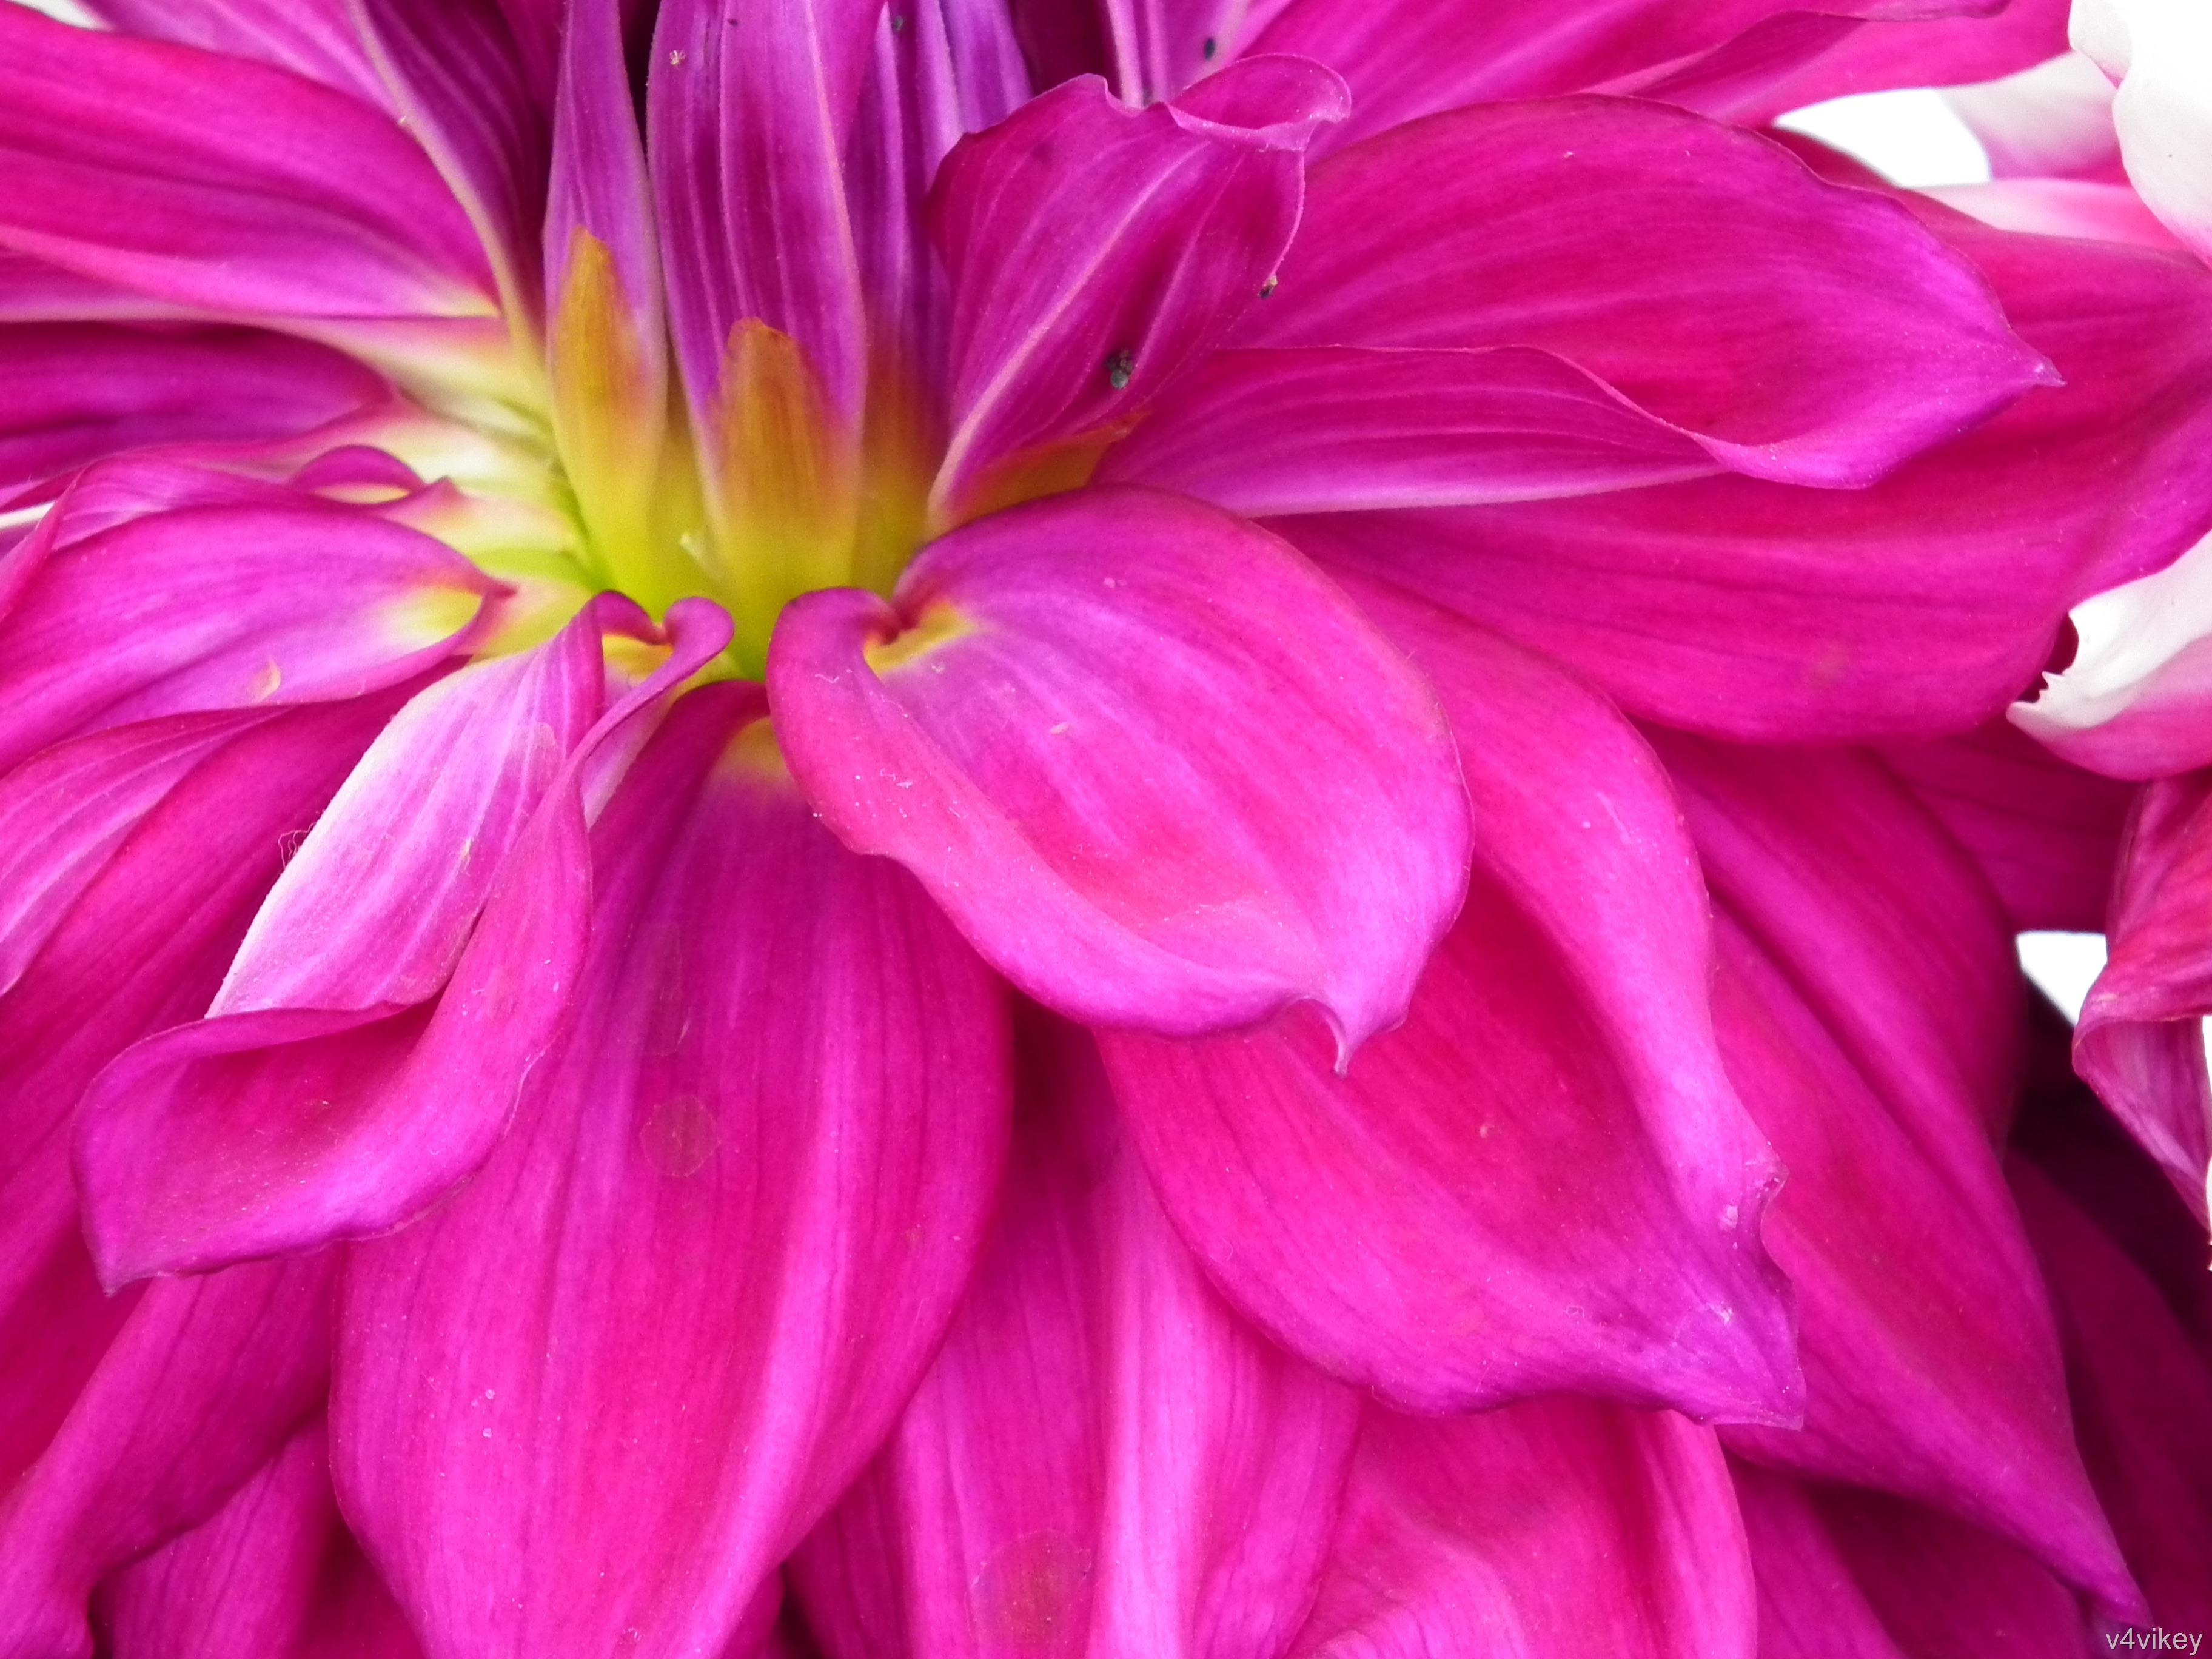 Magenta dahlia flower wallpaper wallpaper tadka magenta dahlia flower wallpaper izmirmasajfo